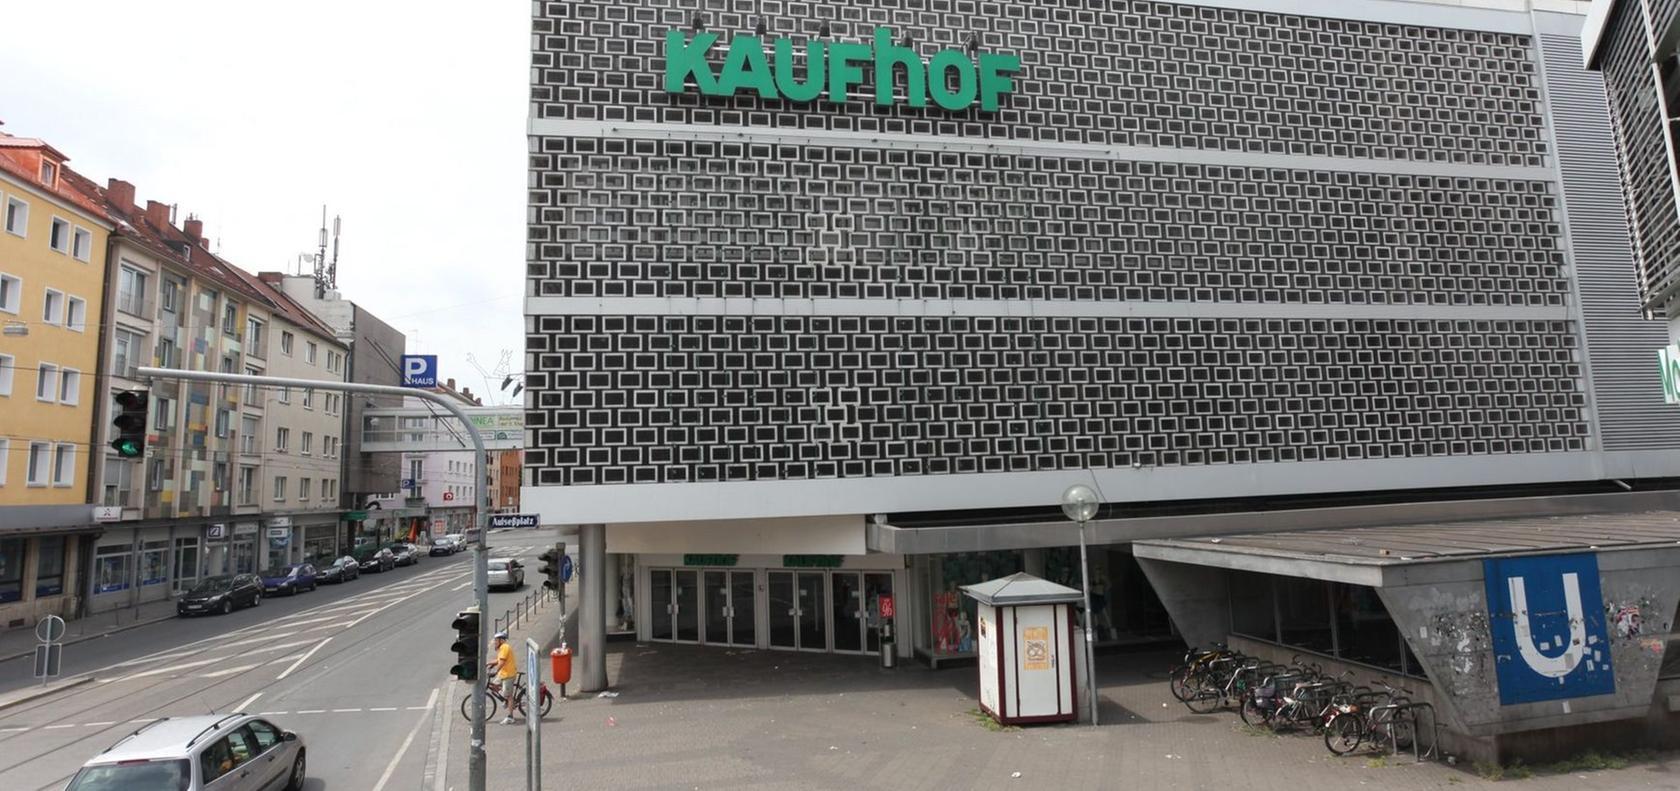 Der Kaufhof mit seiner auffälligen Fassade soll bald Geschichte sein. Edeka hat das Areal aufgekauft und plant in einem Neubau ein großes Nahversorgungszentrum.